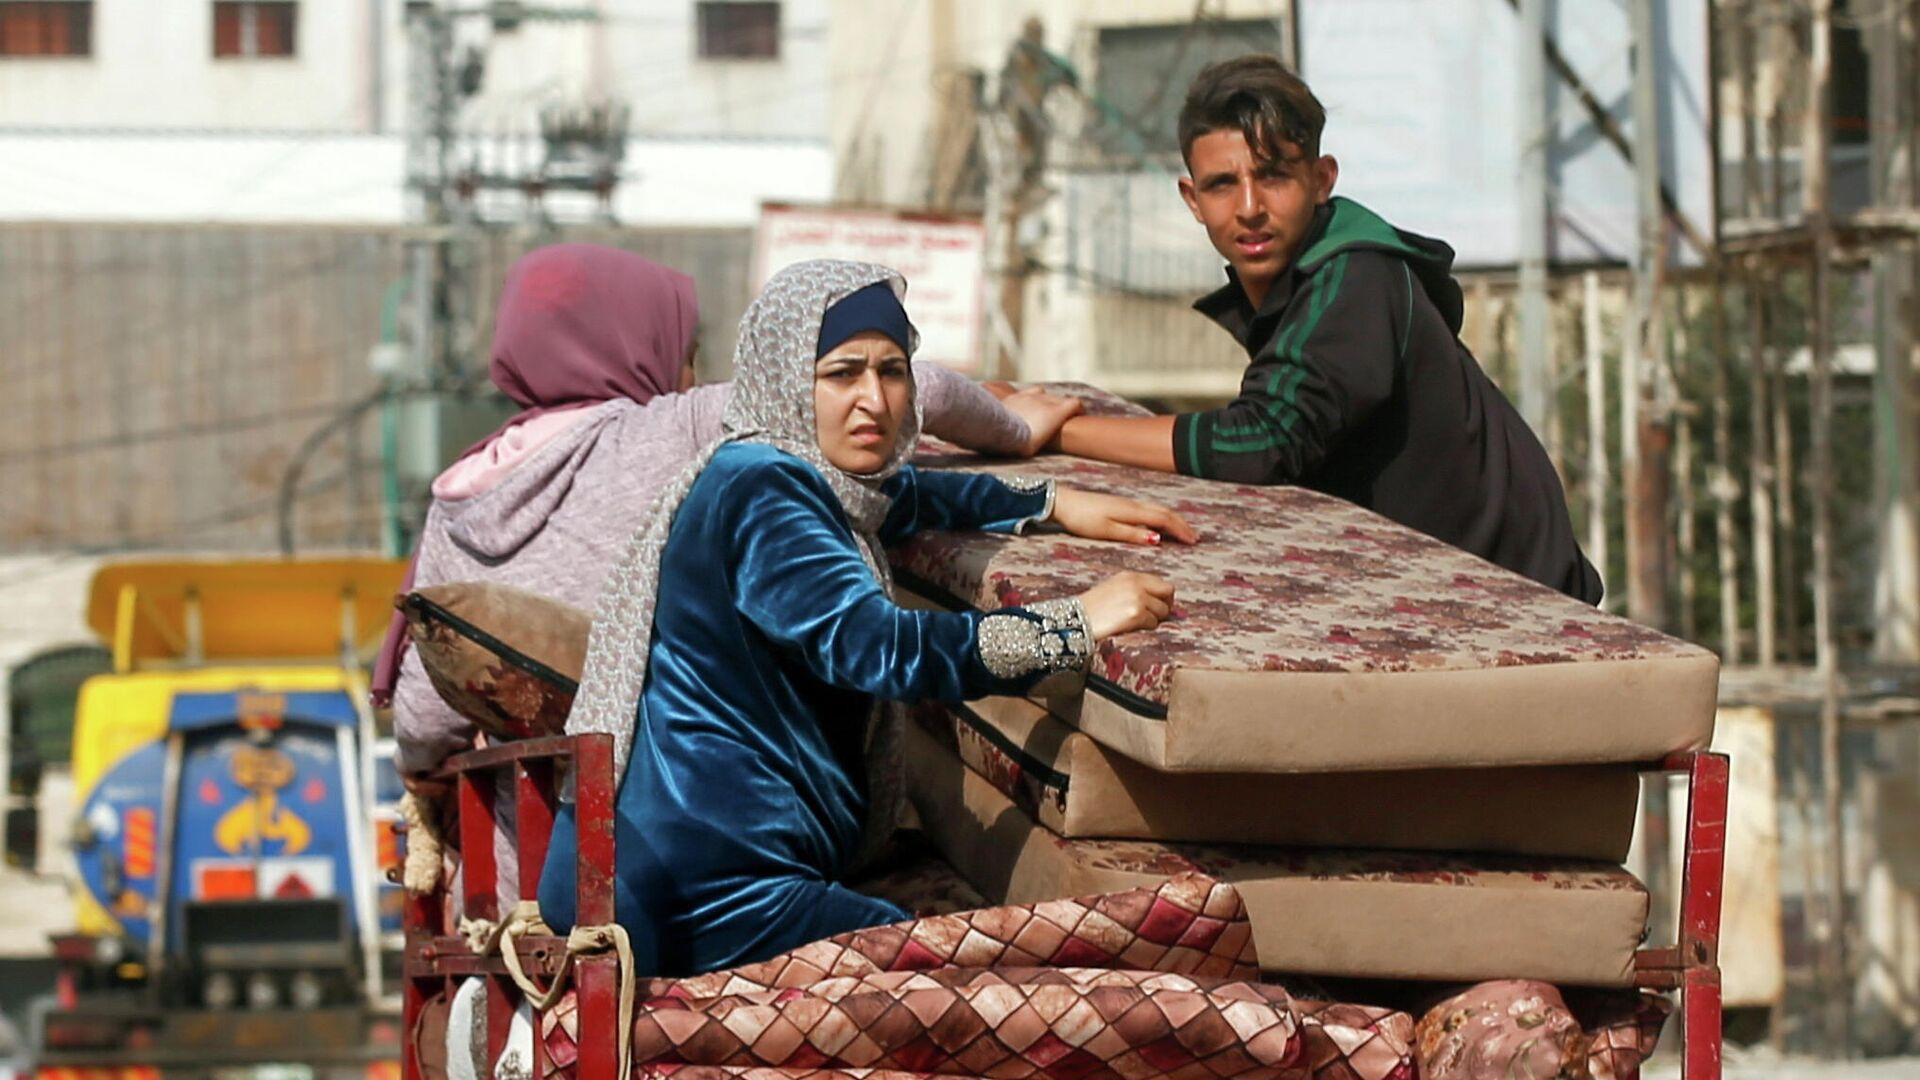 Палестинцы покидают свои дома во время израильских воздушных ударов - РИА Новости, 1920, 15.05.2021